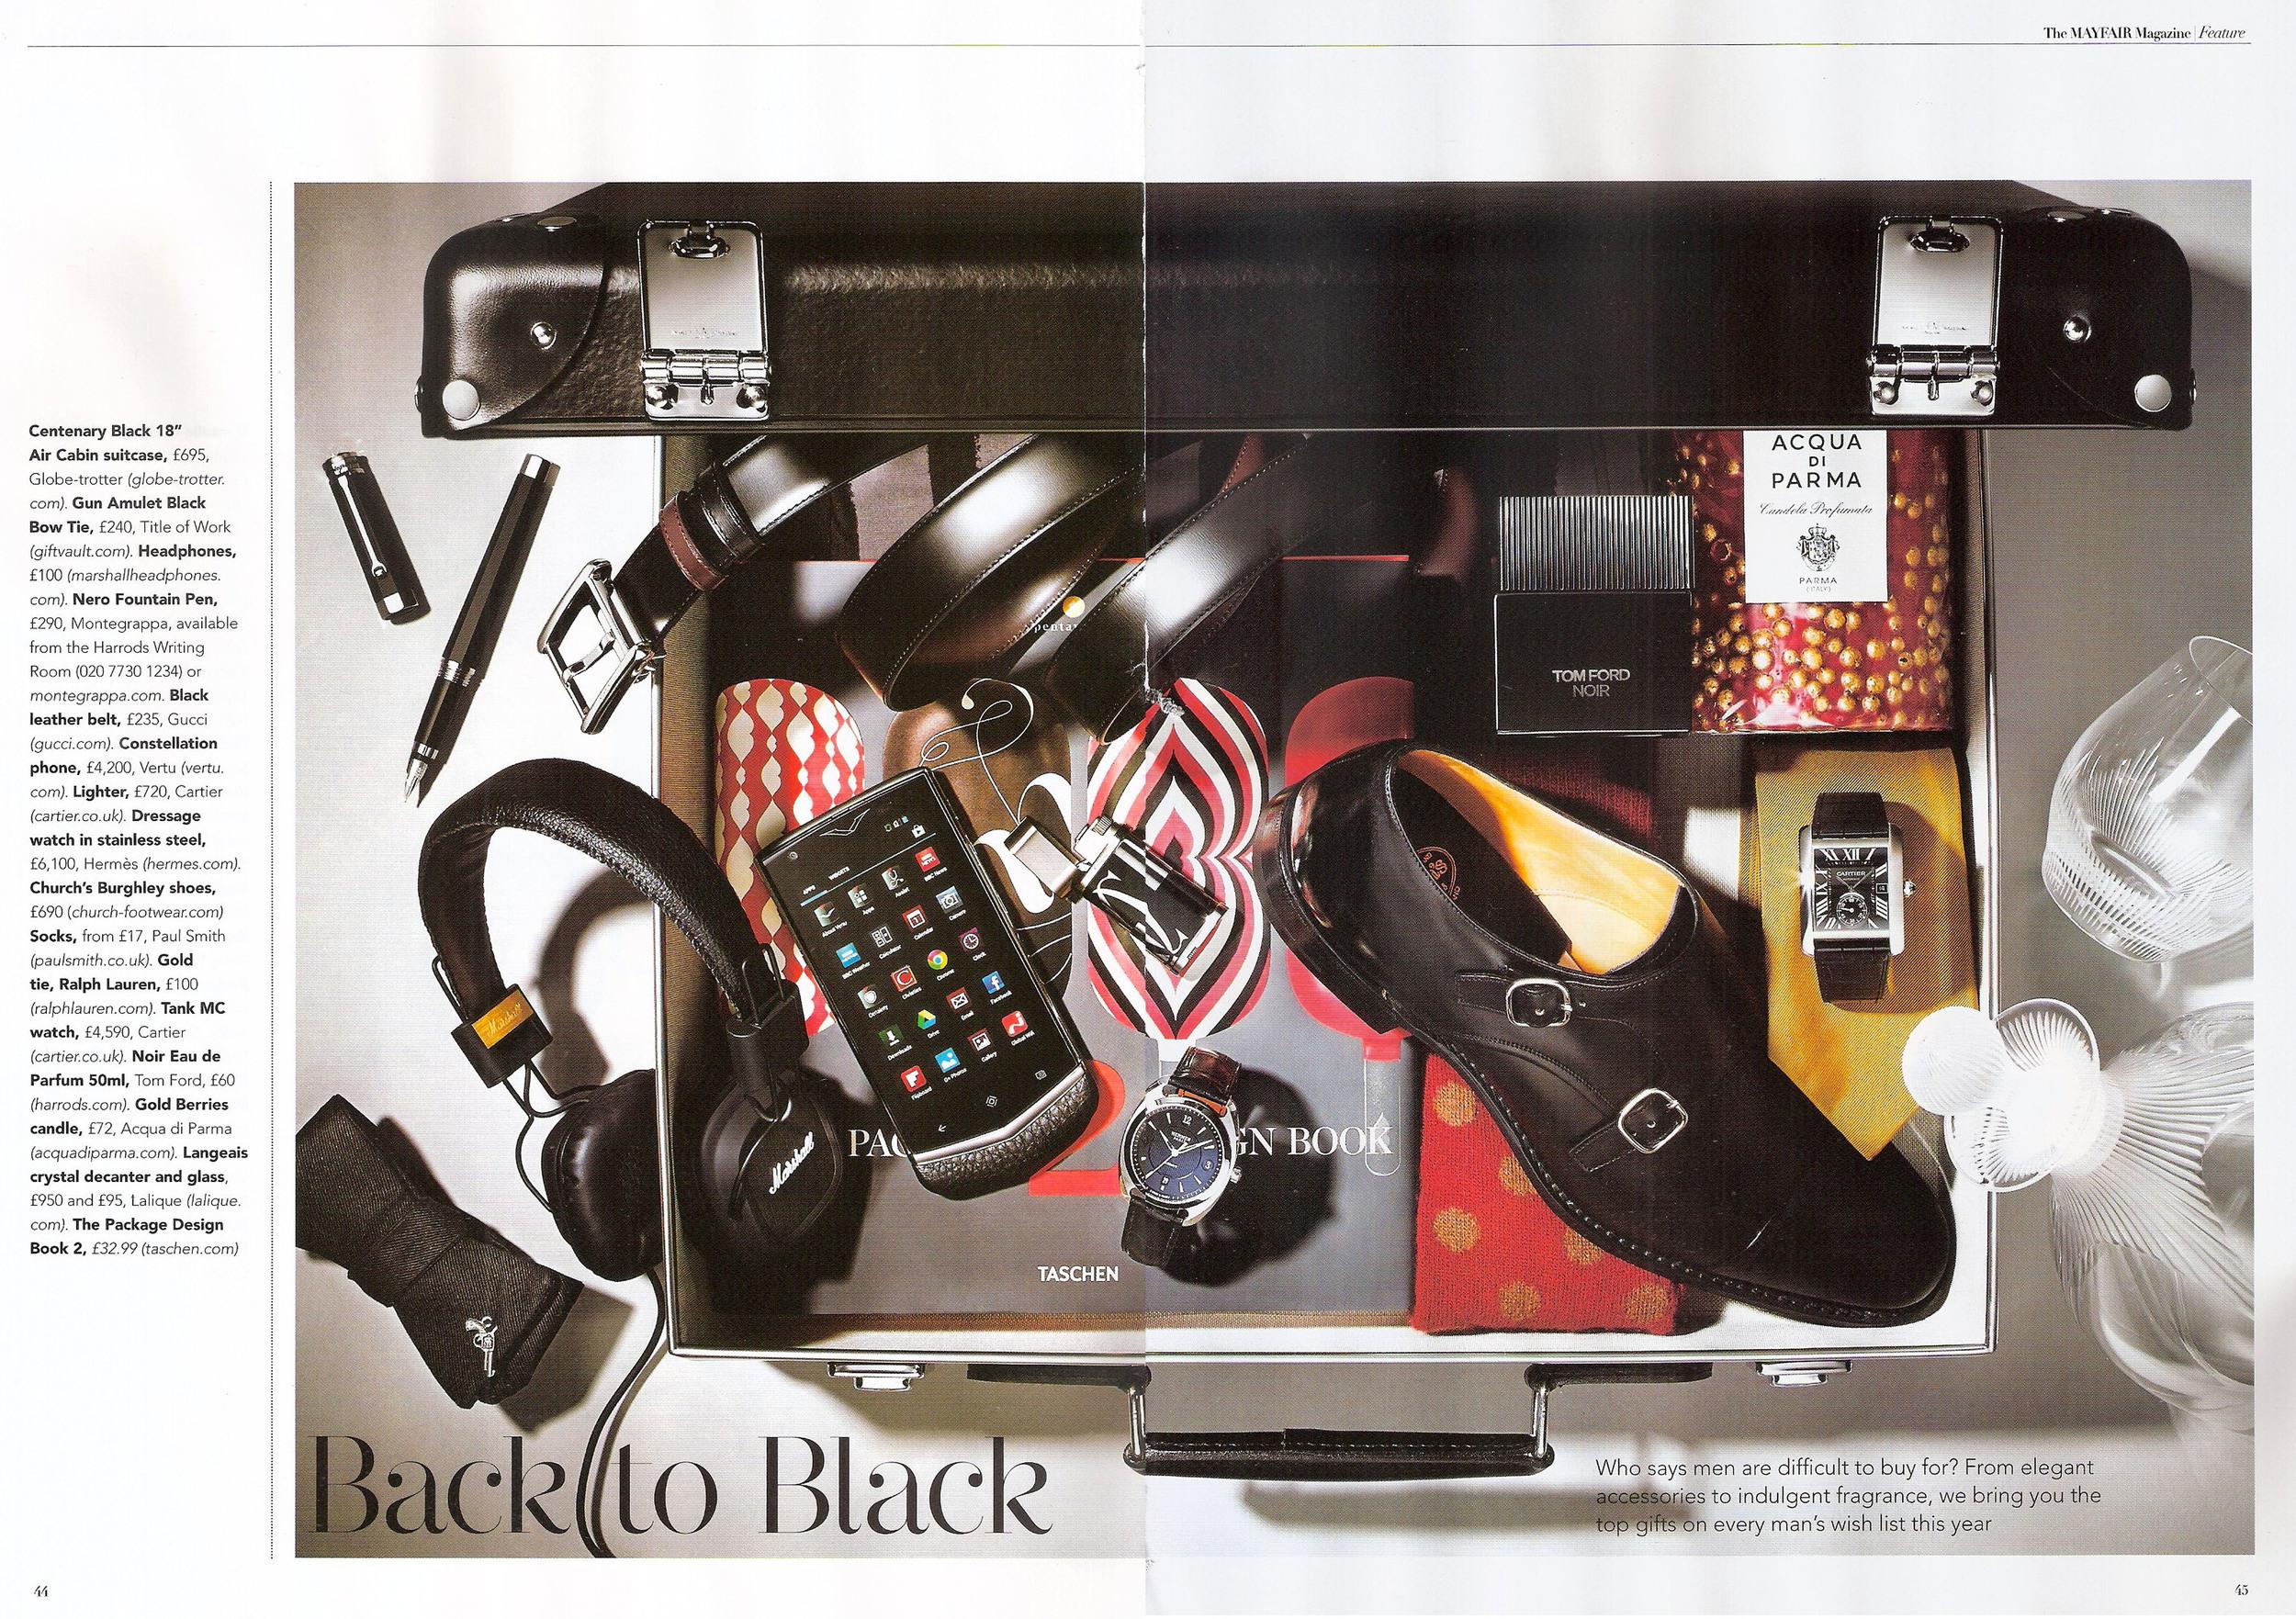 The Mayfair Magazine (UK) December 2013